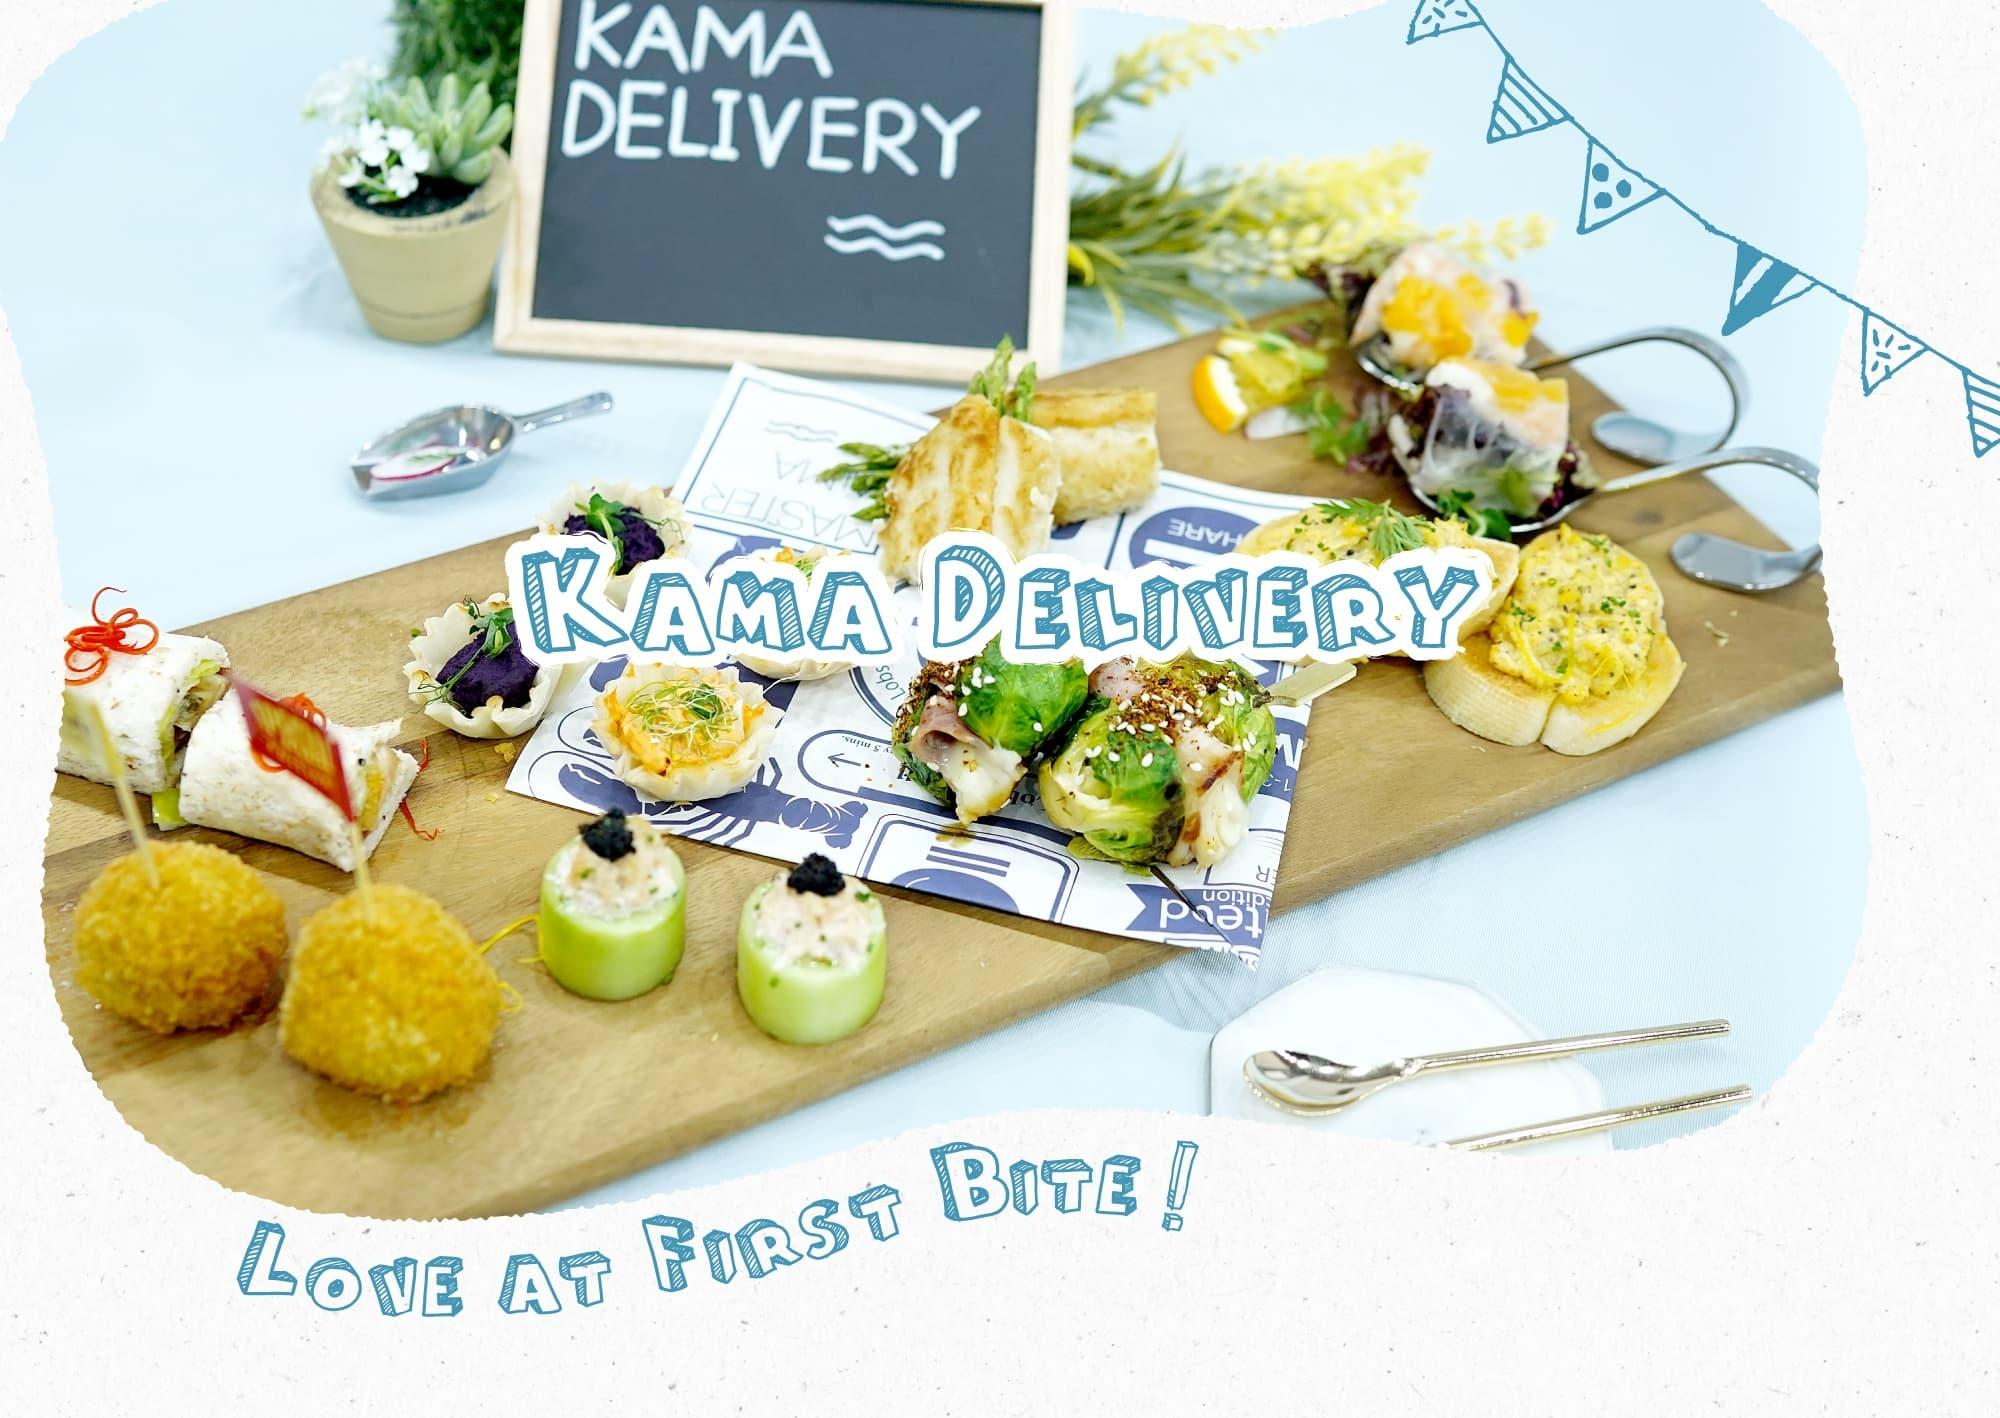 19人外賣套餐推薦 Kama Delivery推出的一口派對小食套餐適合在婚宴酒會、百日宴、店舖開張、企業簡介會、公司講座、辦公室會議等場合享用。